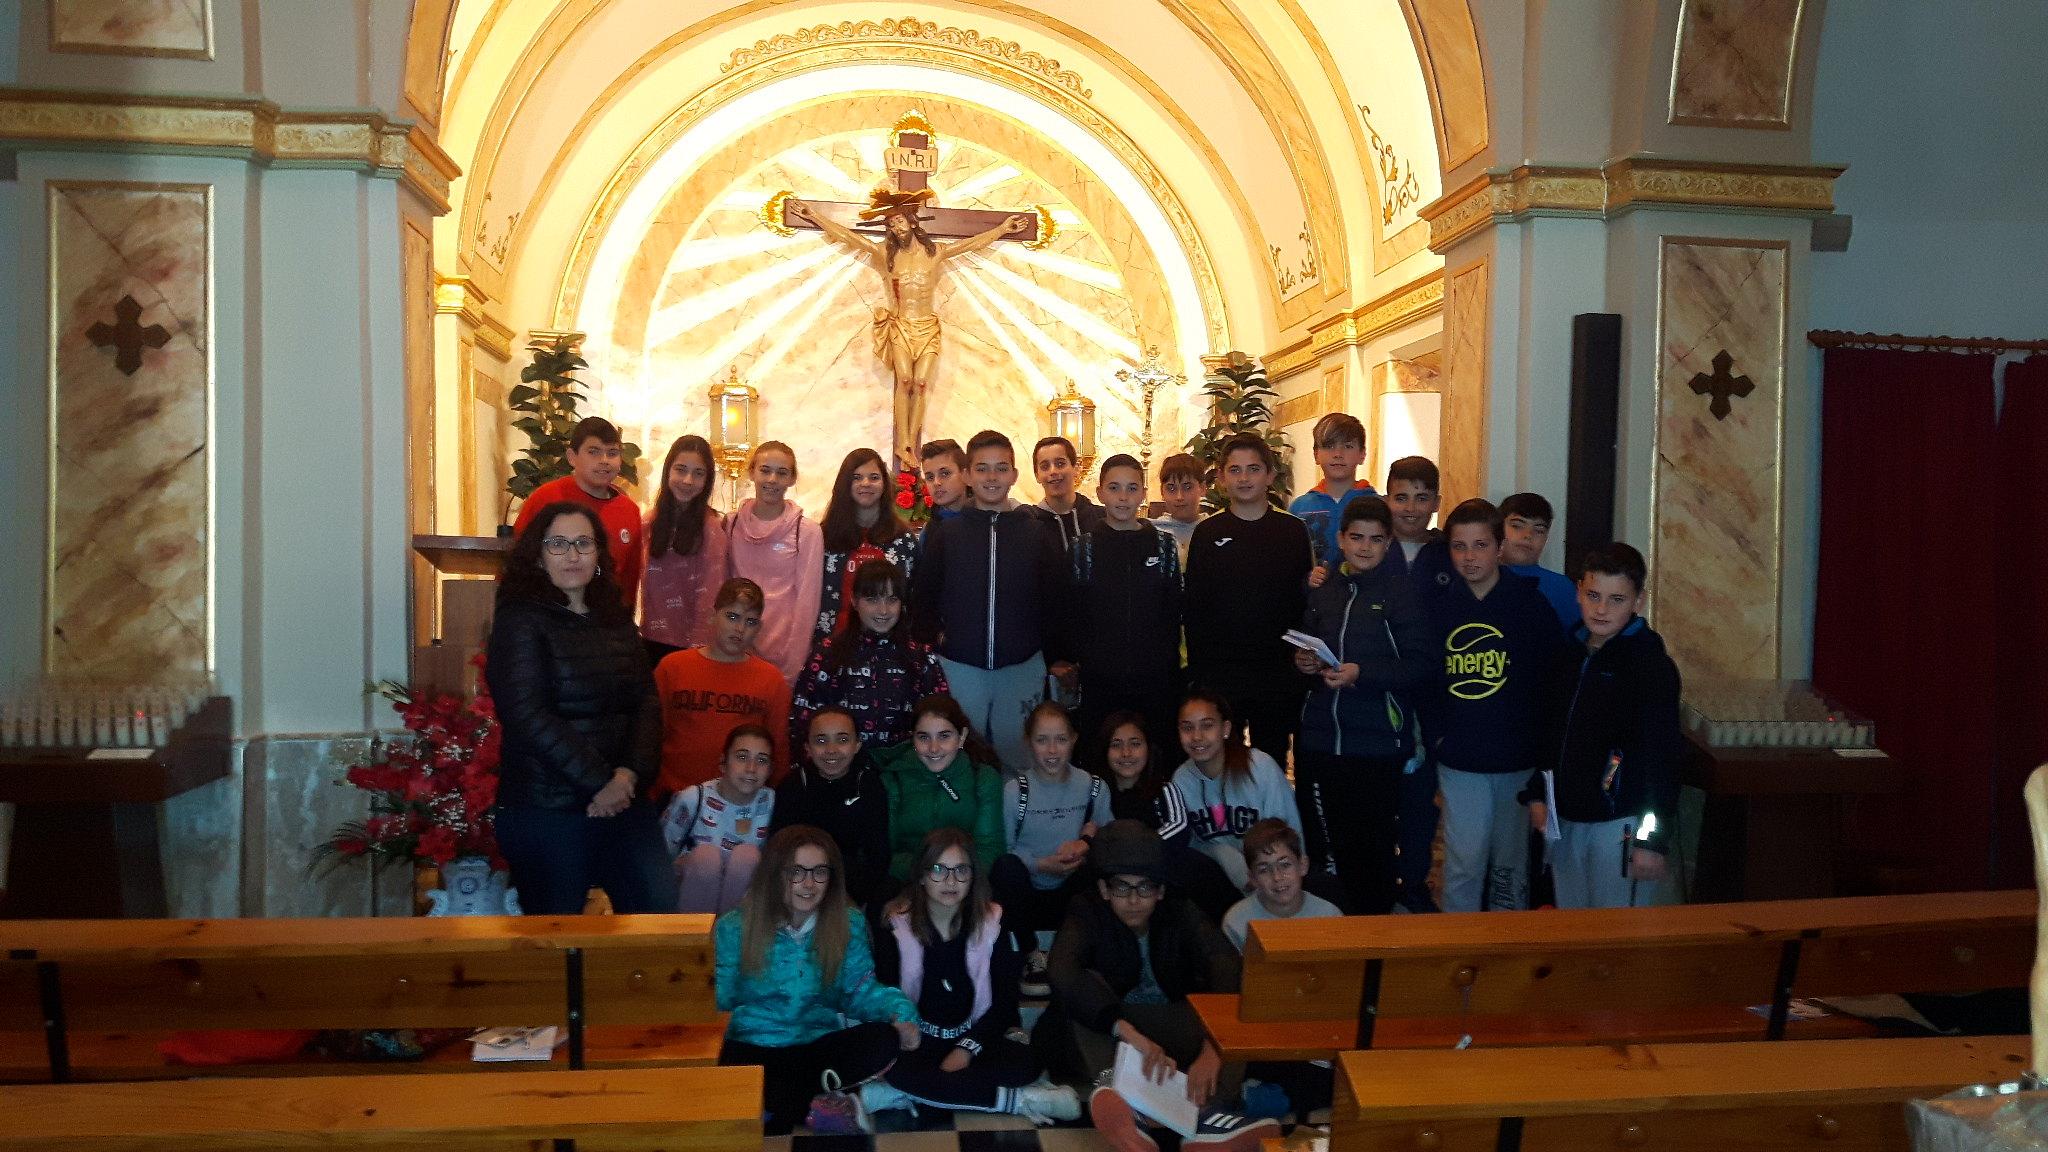 (2019-04-11) Visita ermita alumnos Pilar - 6 primaria -  9 de Octubre - María Isabel Berenguer (02)